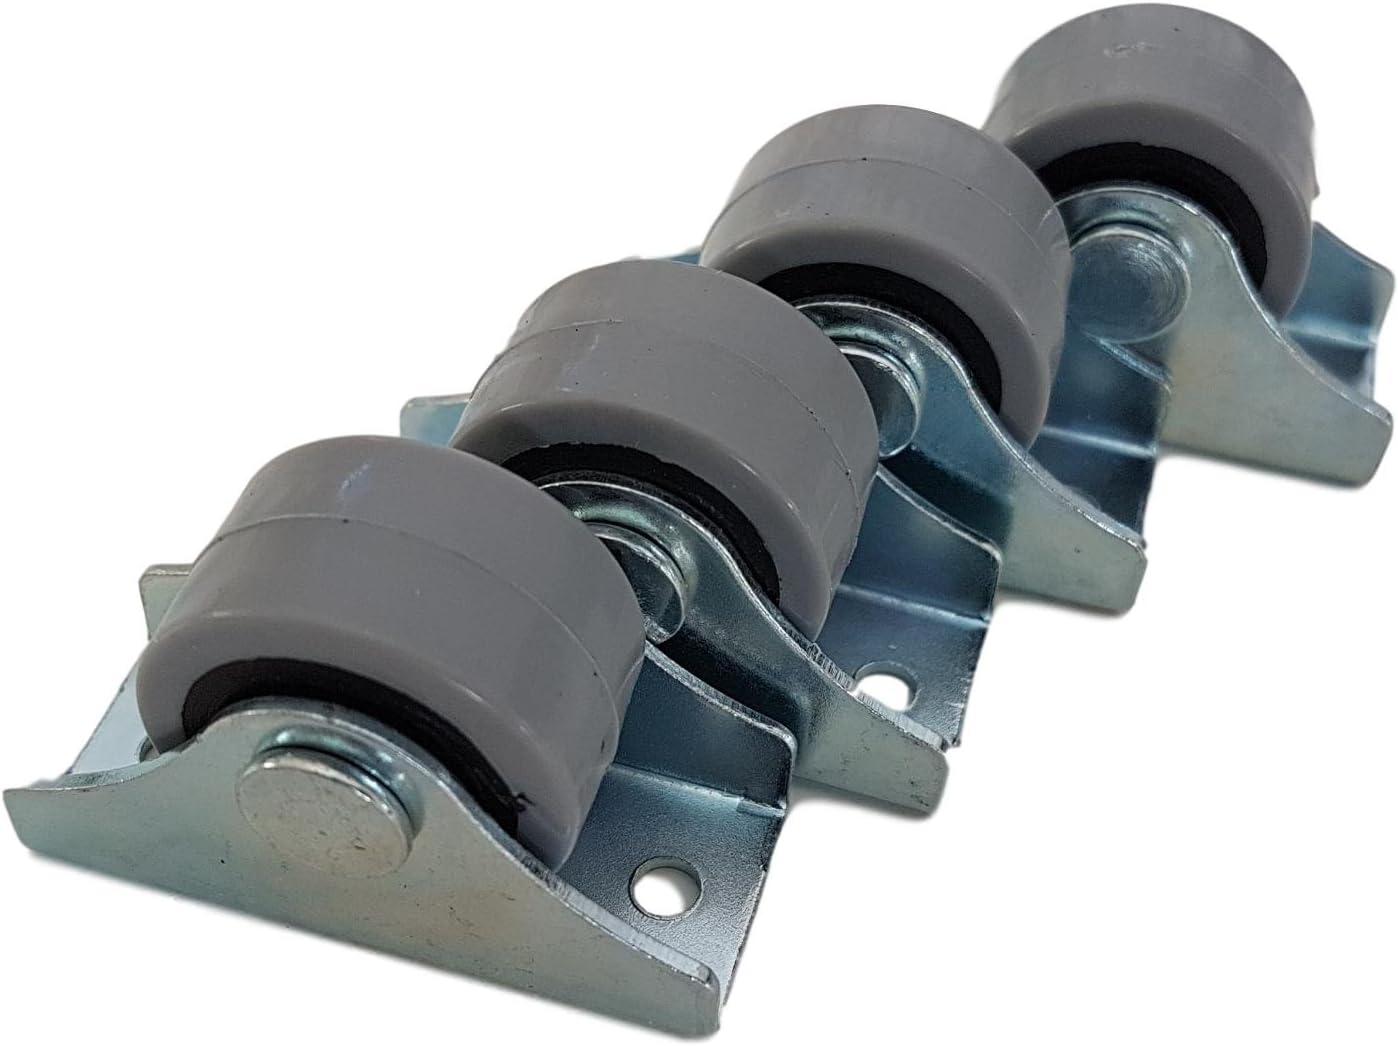 Juego de ruedas giratorias, rueda compuesta por dos partes, ruedas de goma y plástico, con placa metálica, ruedas para mobiliario, electrodomésticos y pequeños equipos, ruedas pequeñas de 25 mm